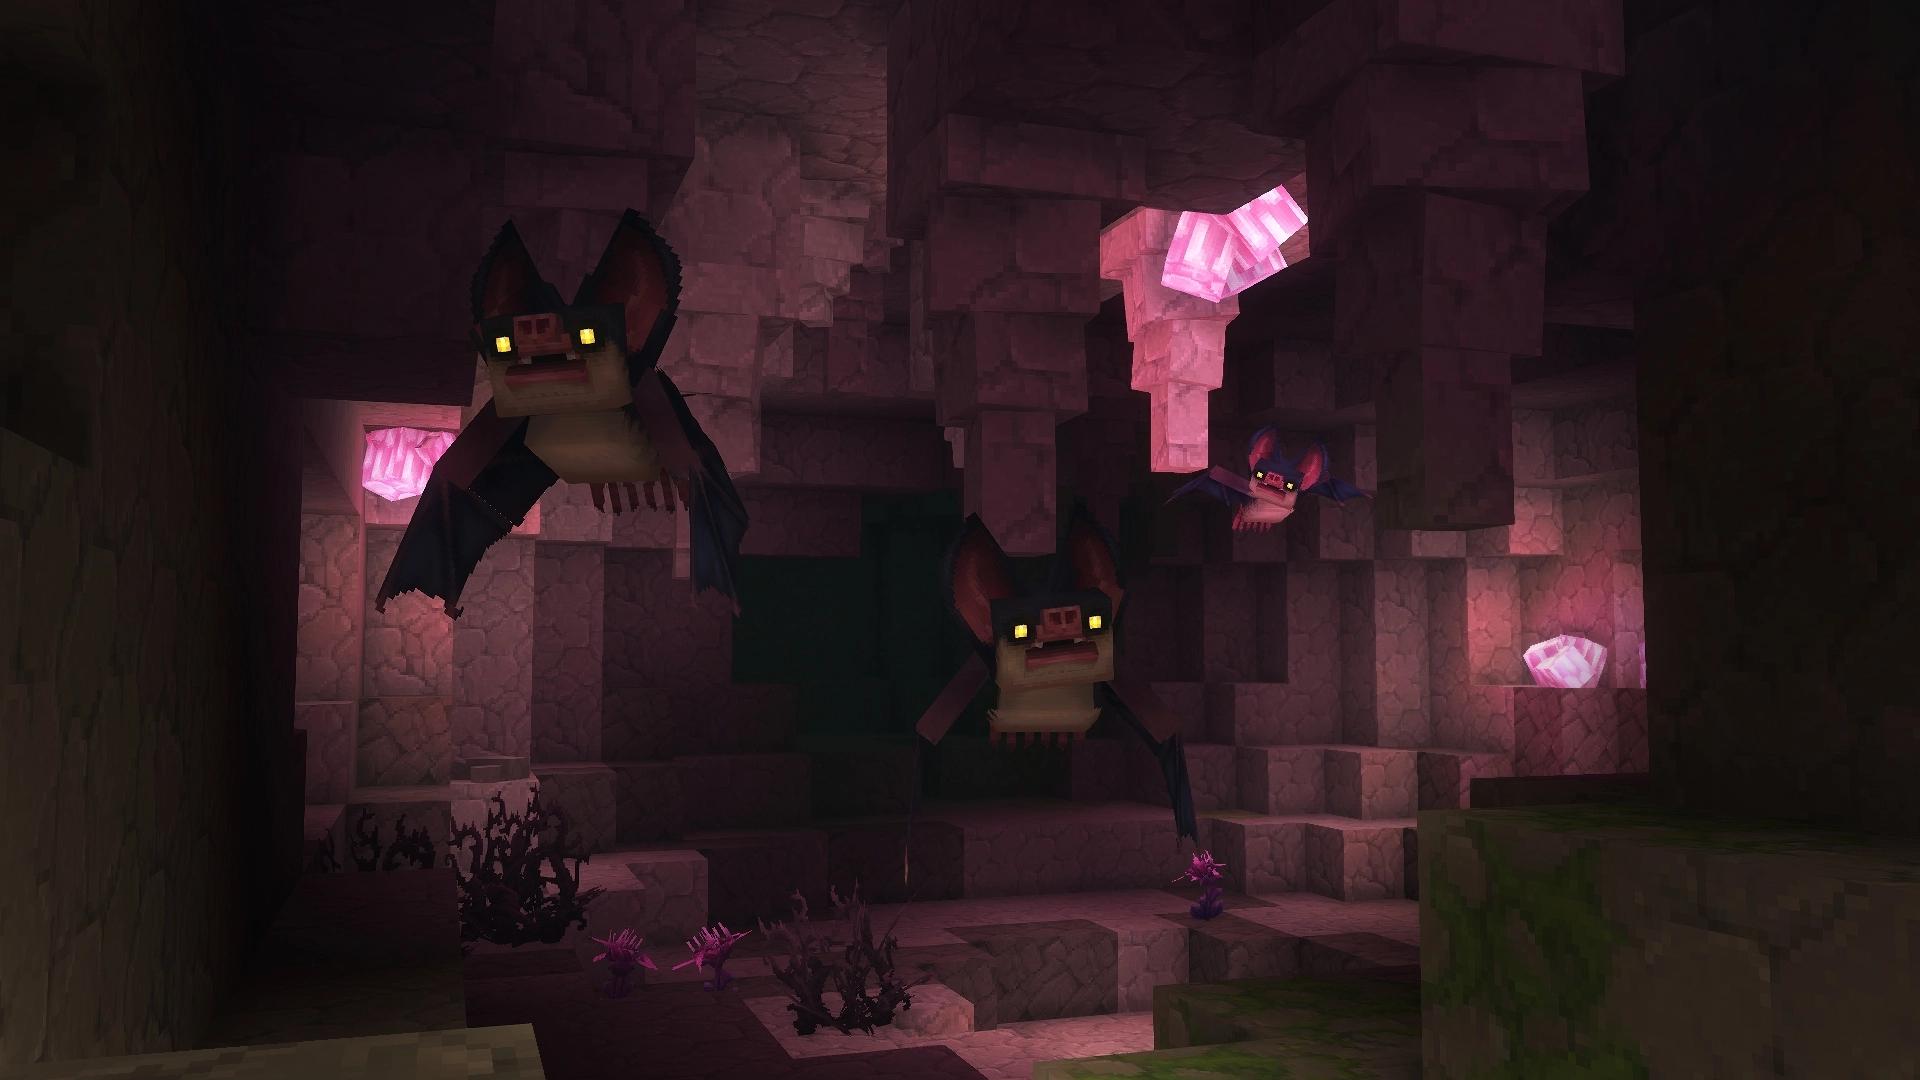 Des chauves-souris volent en groupe dans une grotte éclairée par des minéraux roses.